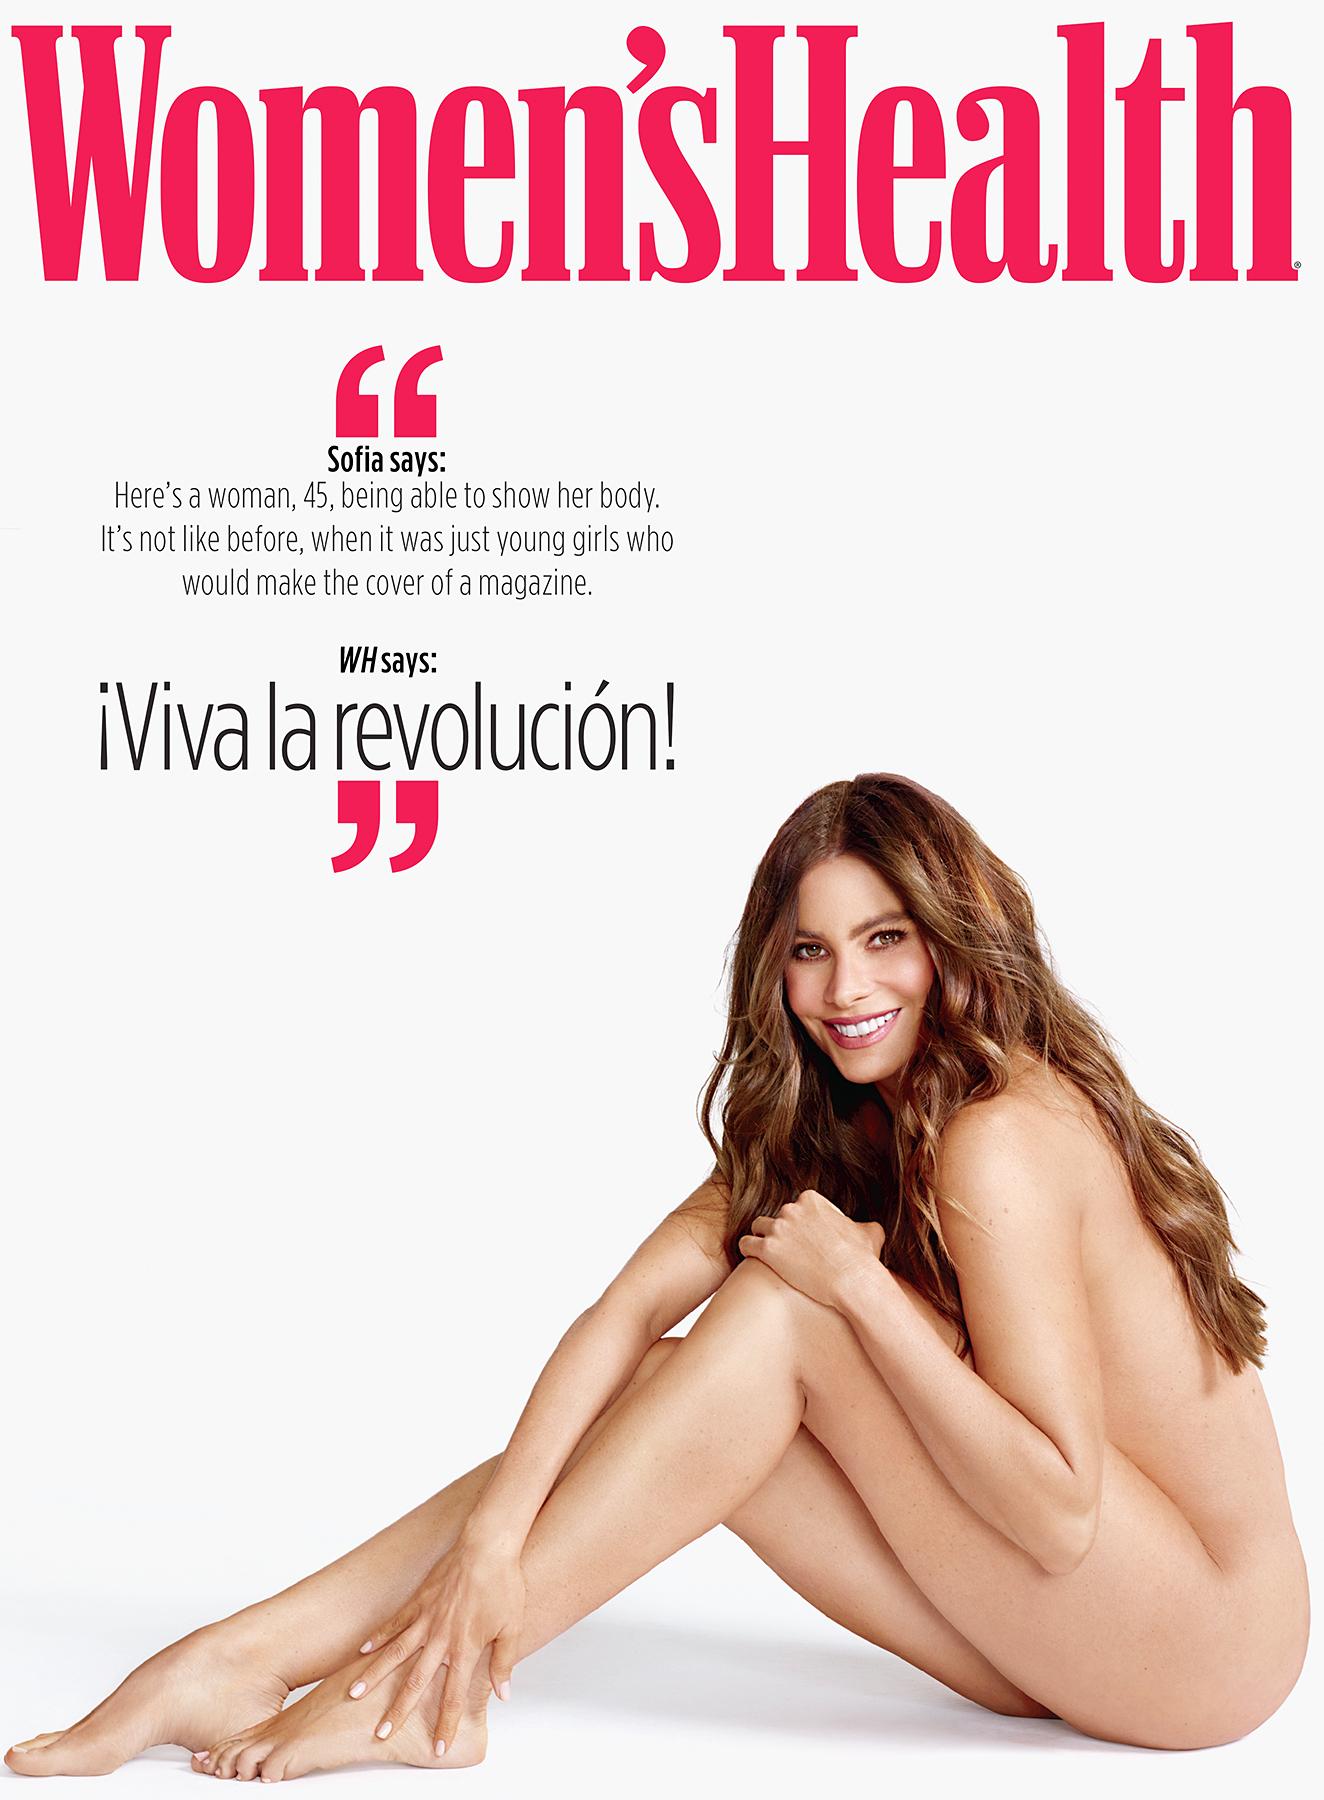 Sofia Vergara Women's Health